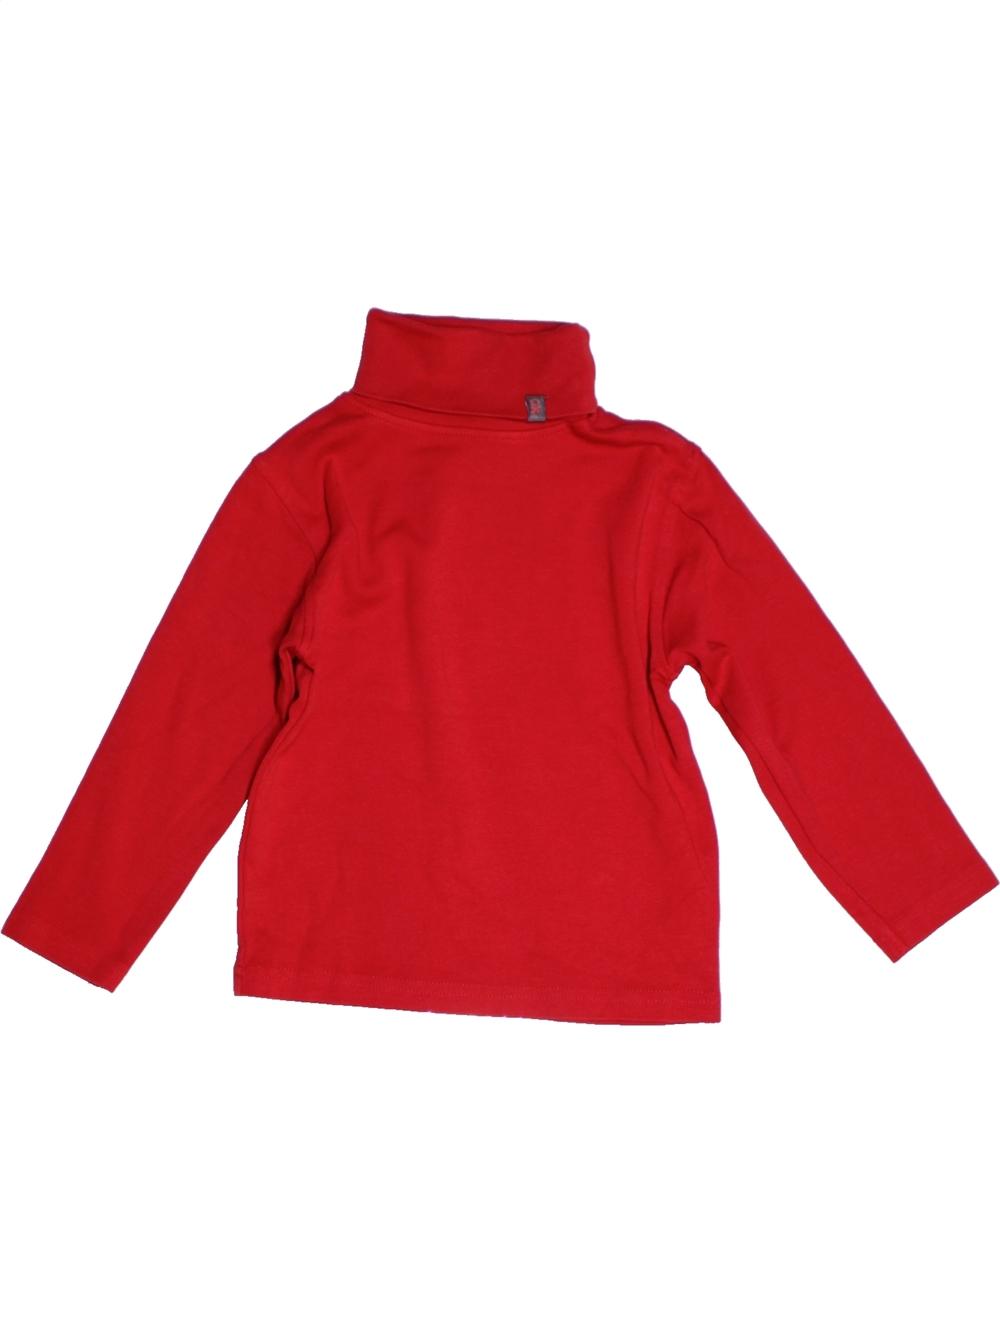 T-shirt-col-roule-enfant-garcon-OKAIDI-5-ans-rouge-hiver-vetement-bebe-1